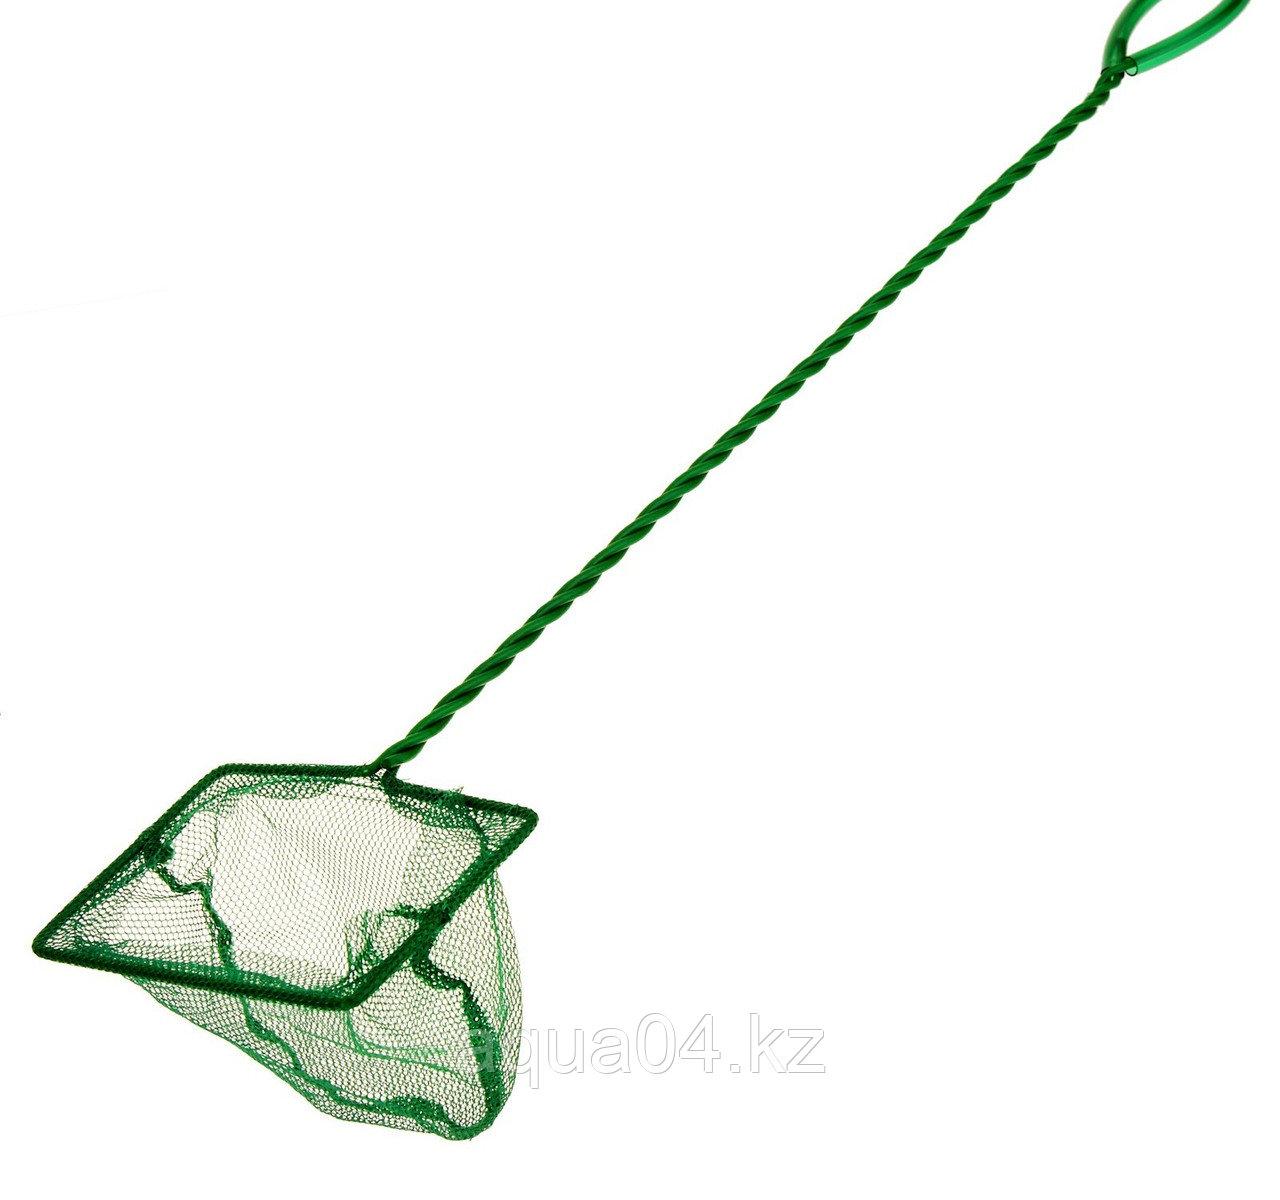 """Сачок 4"""" Long Net Green  (10 см.) с длинной ручкой"""